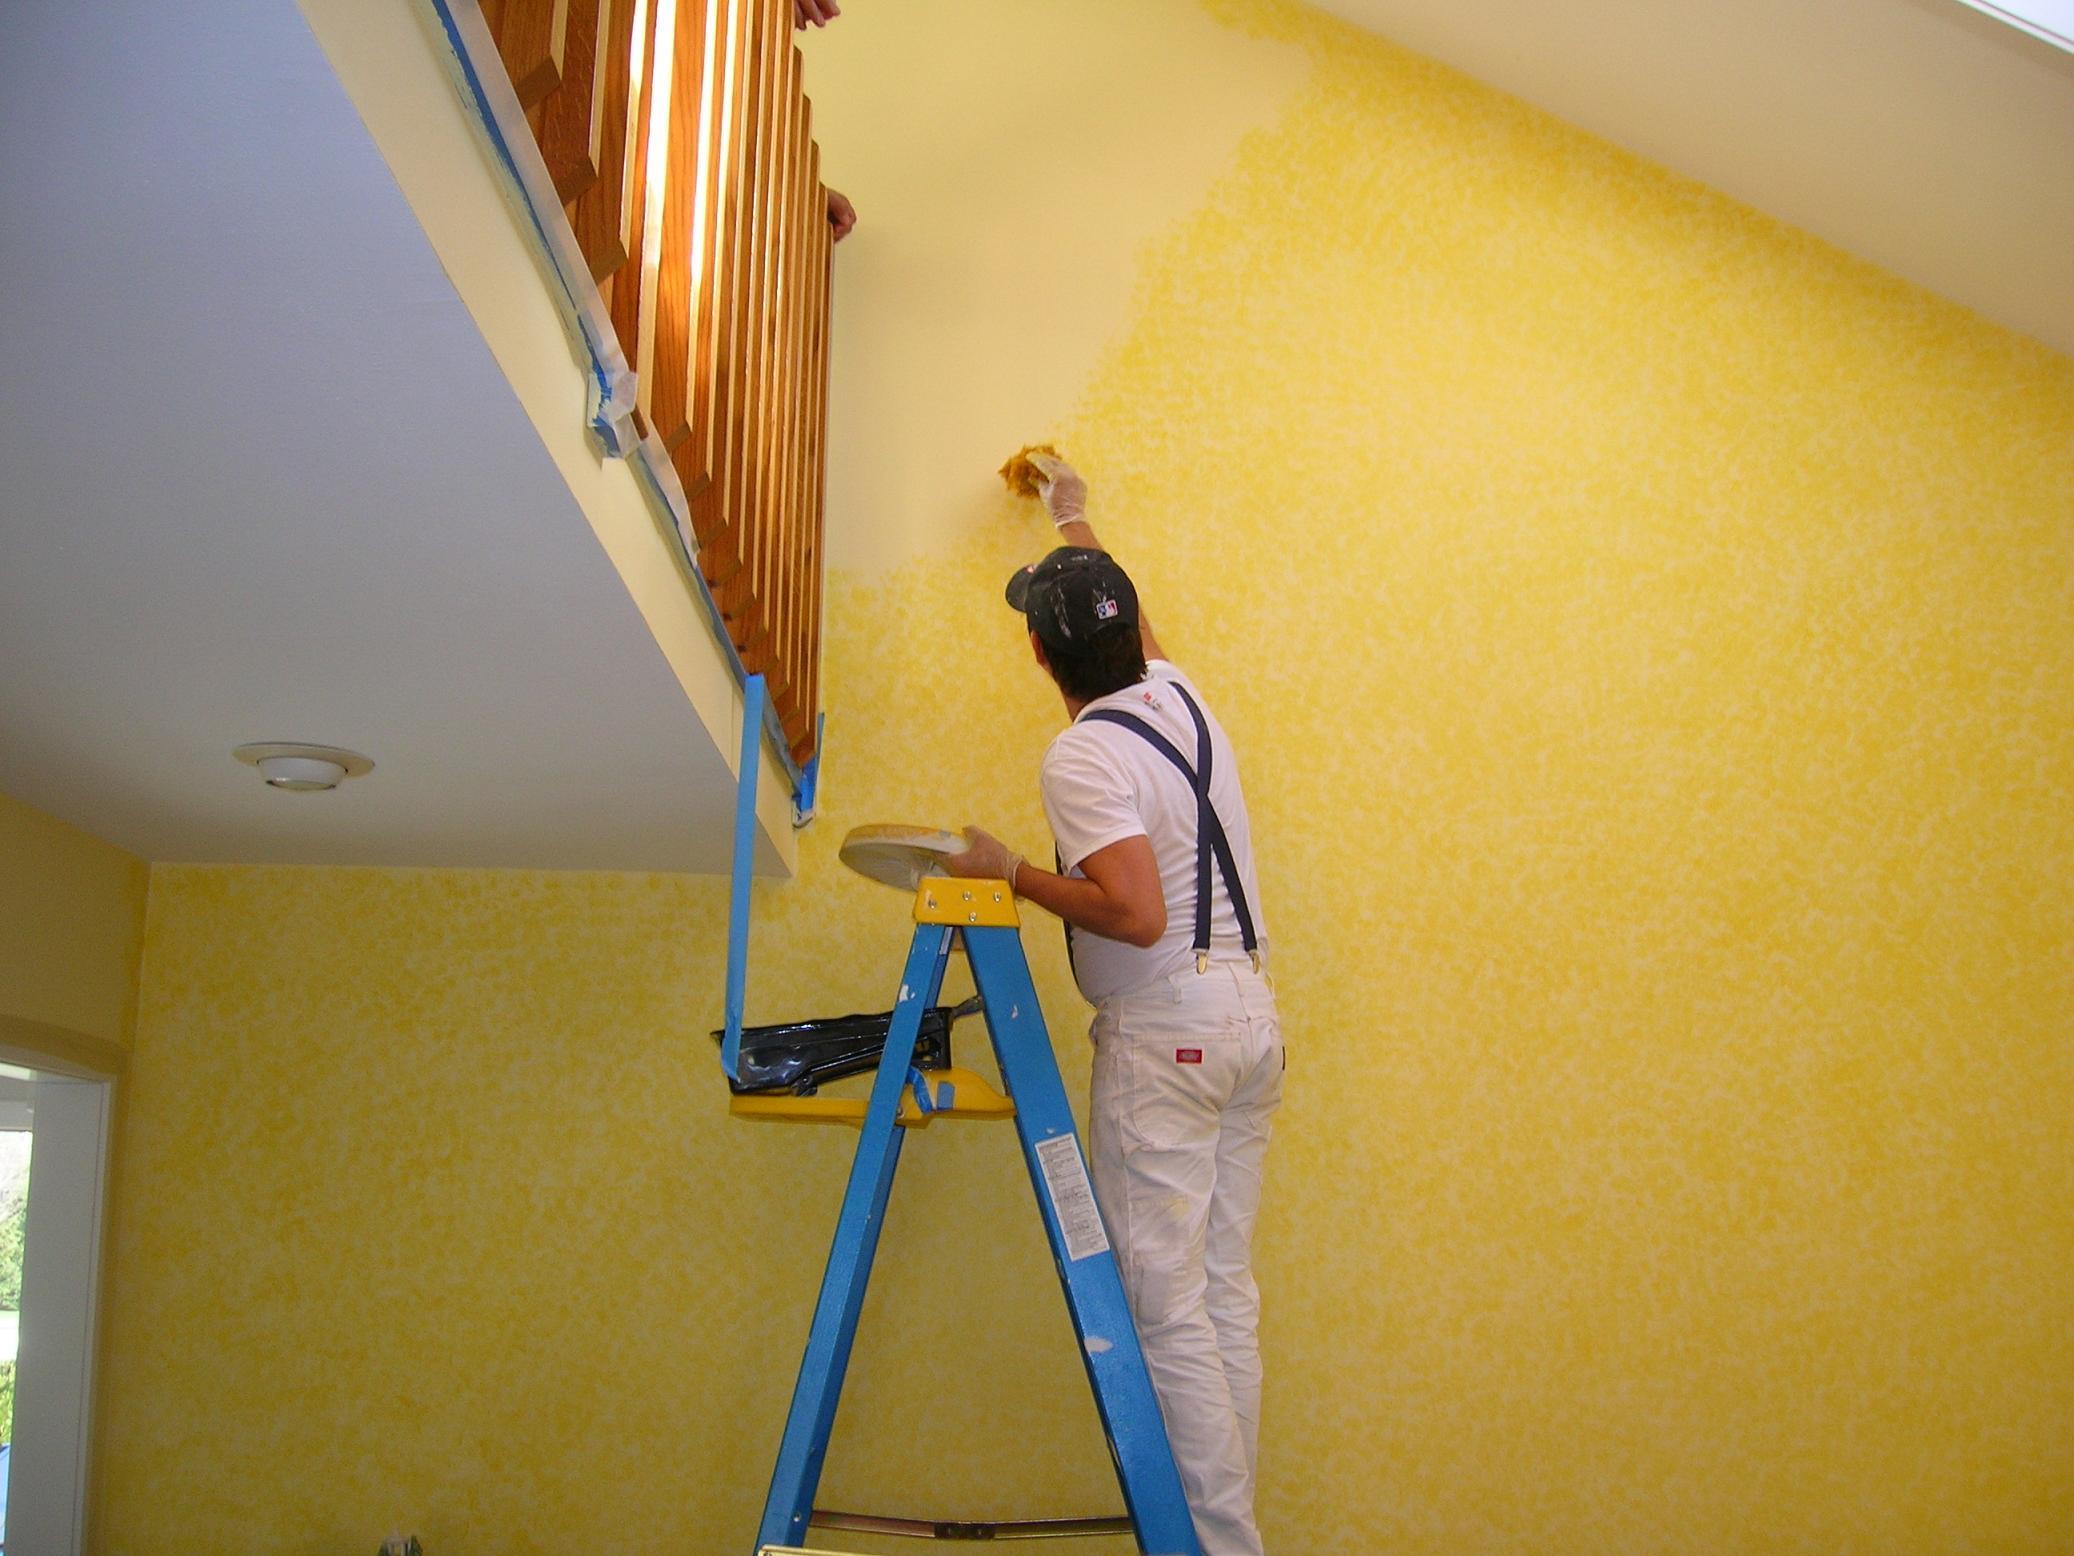 Rüyada Tanıdık Başkasının Evini Boyadığını Görmek